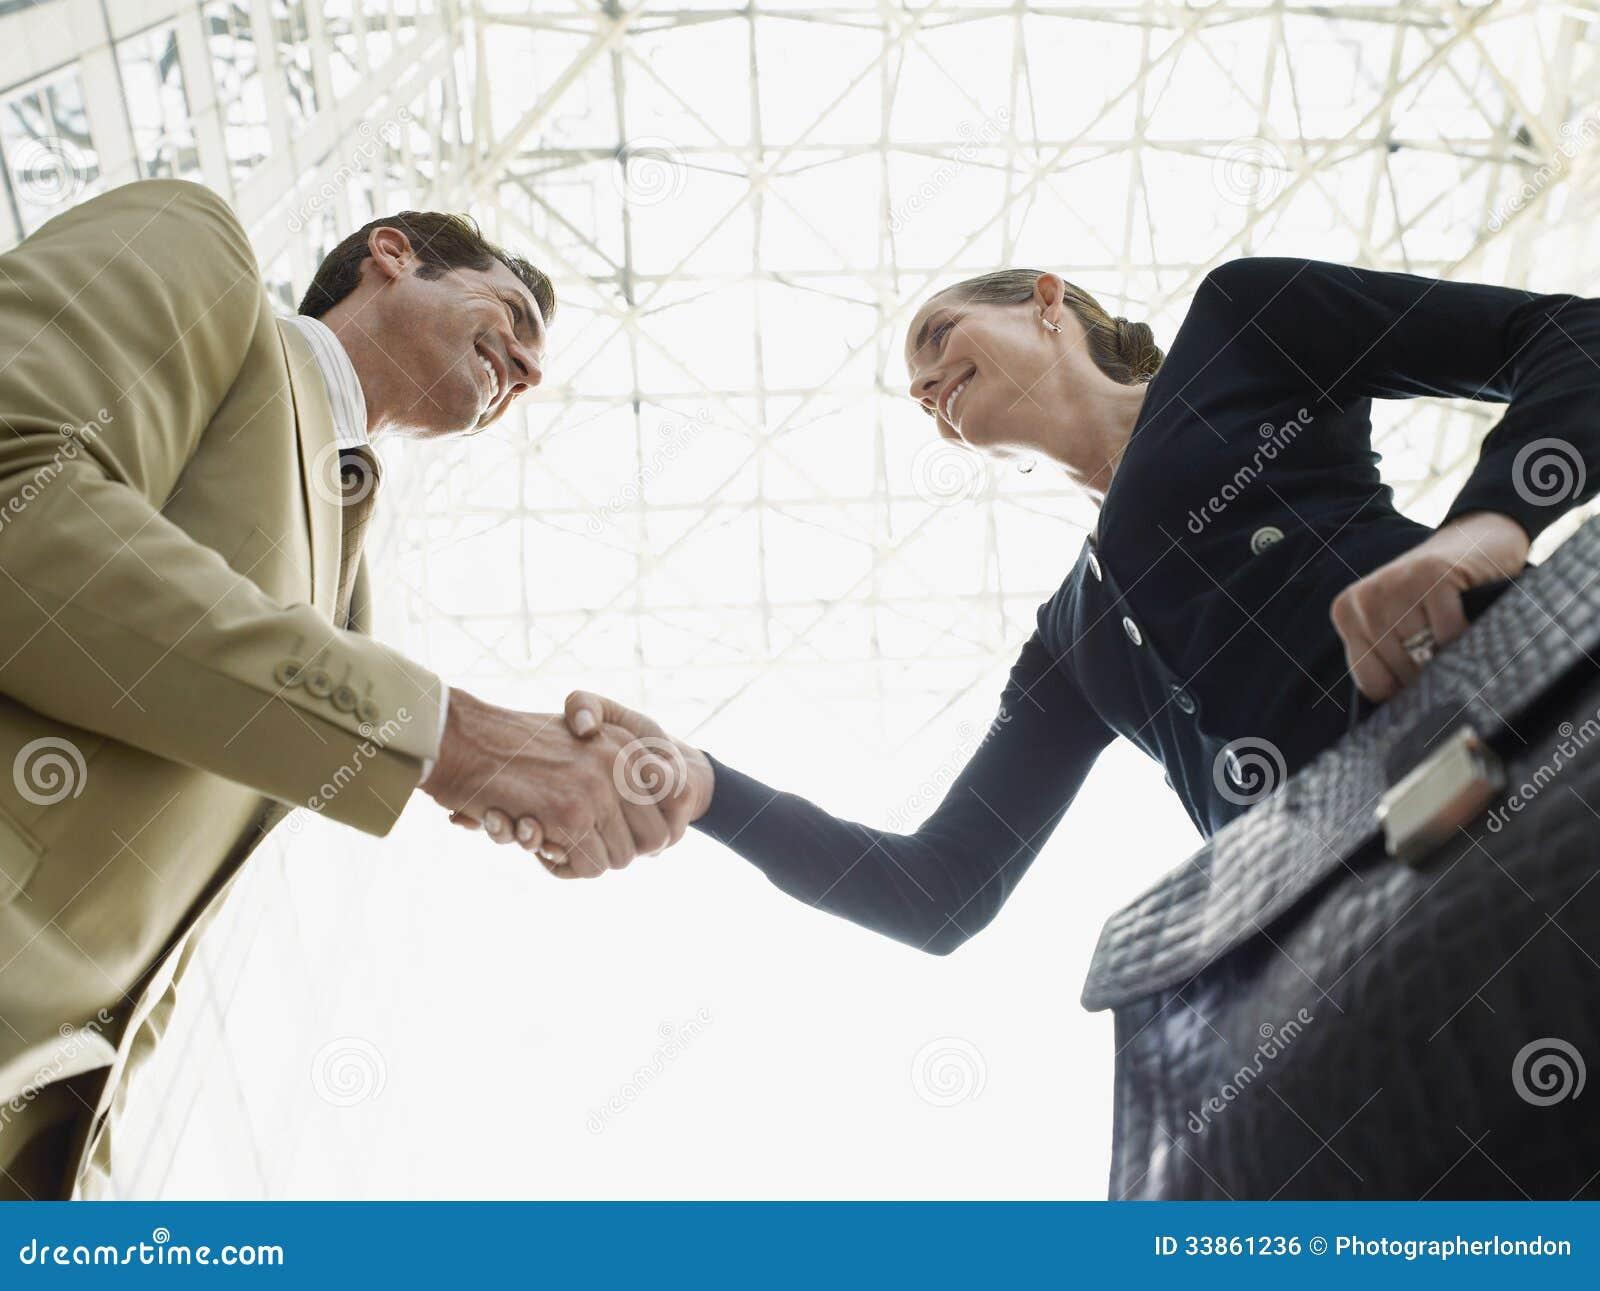 De Handen van zakenmanand businesswoman shaking tegen Plafond